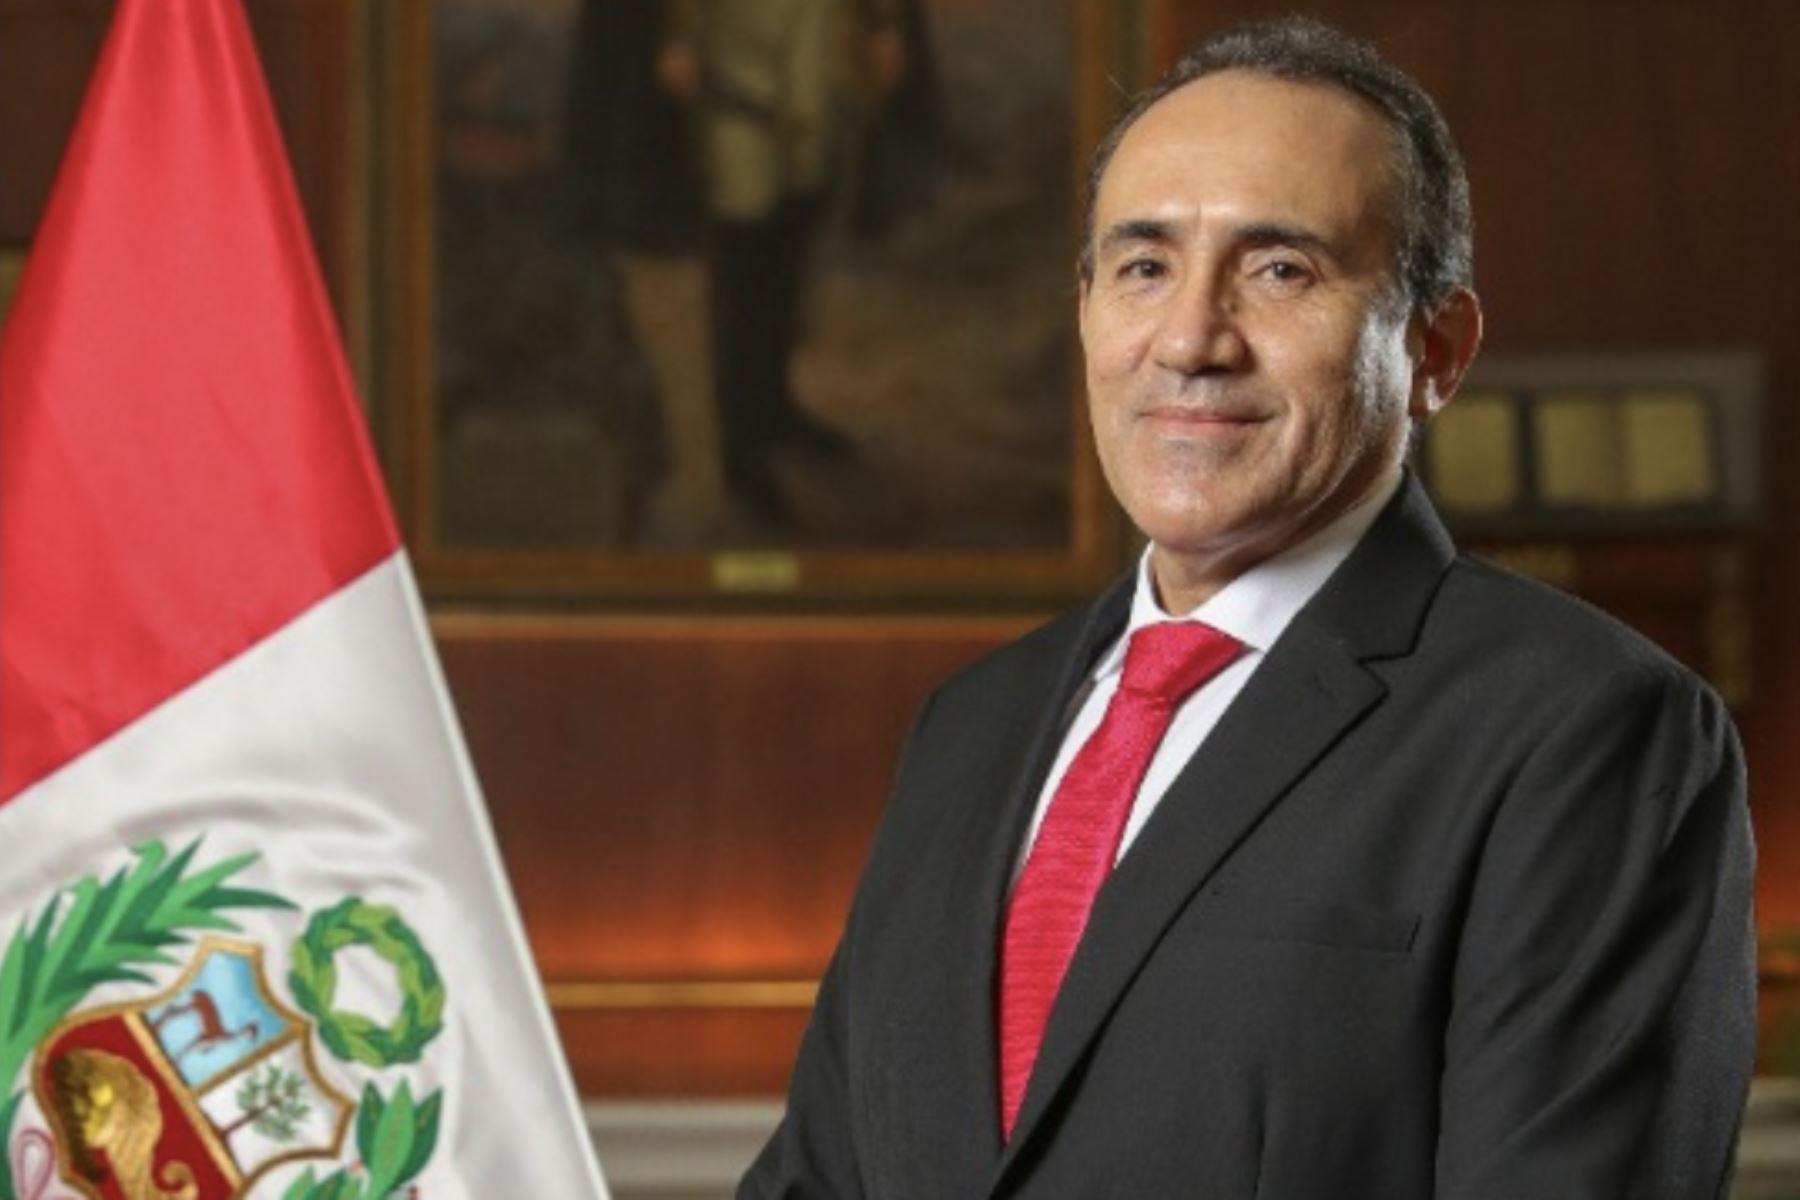 Carlos Estremadoyro.